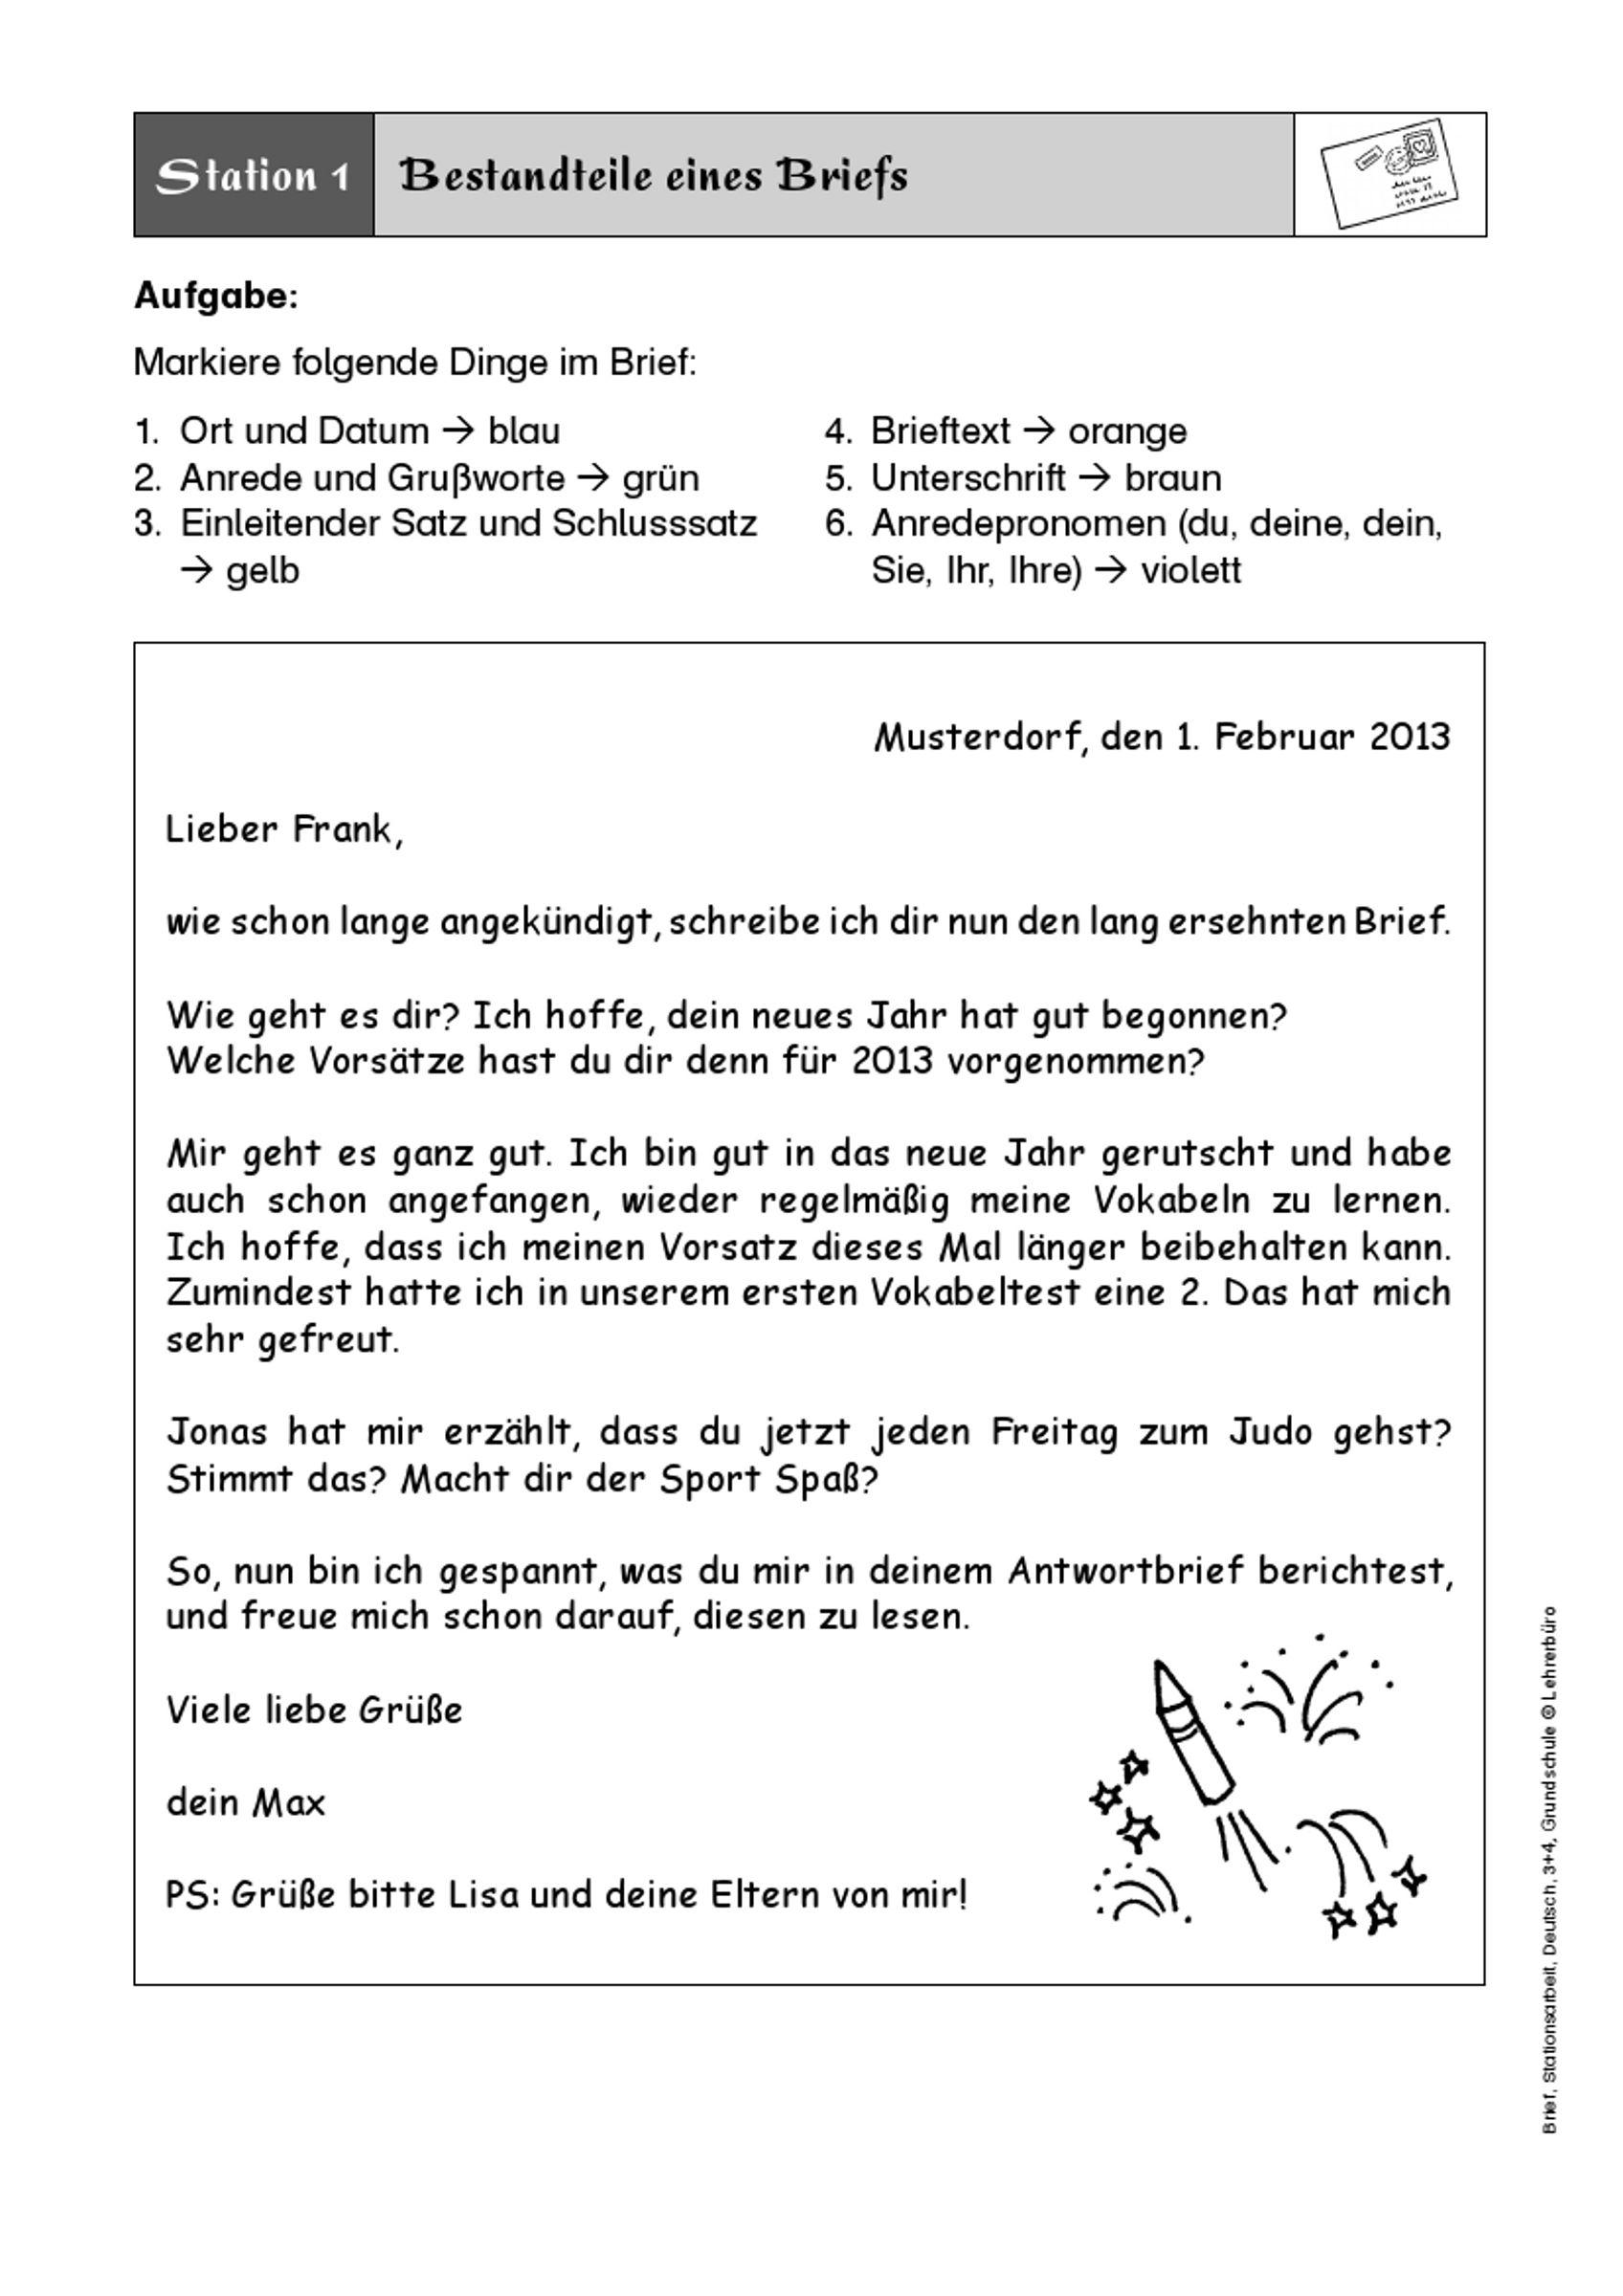 Musterbriefe Reklamationen Beantworten : Bildergebnis für brief schreiben klasse